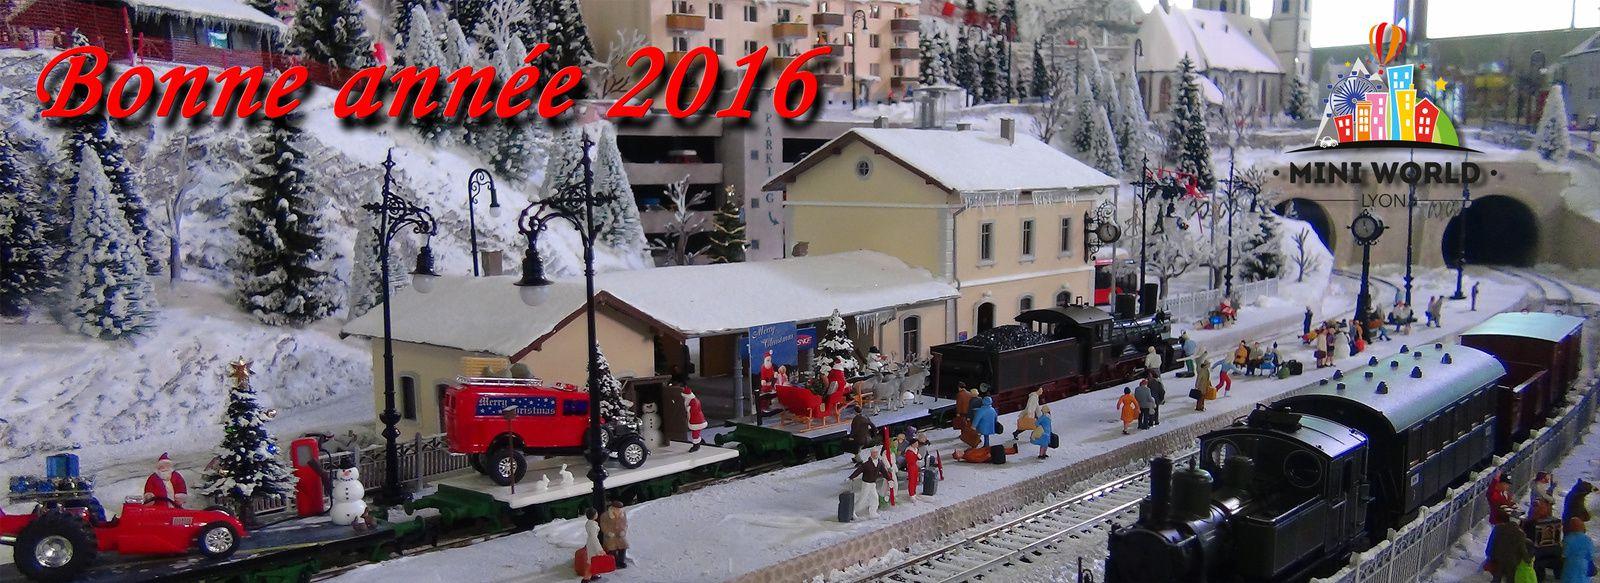 Mini Clip Bonne année 2016 et meilleurs voeux